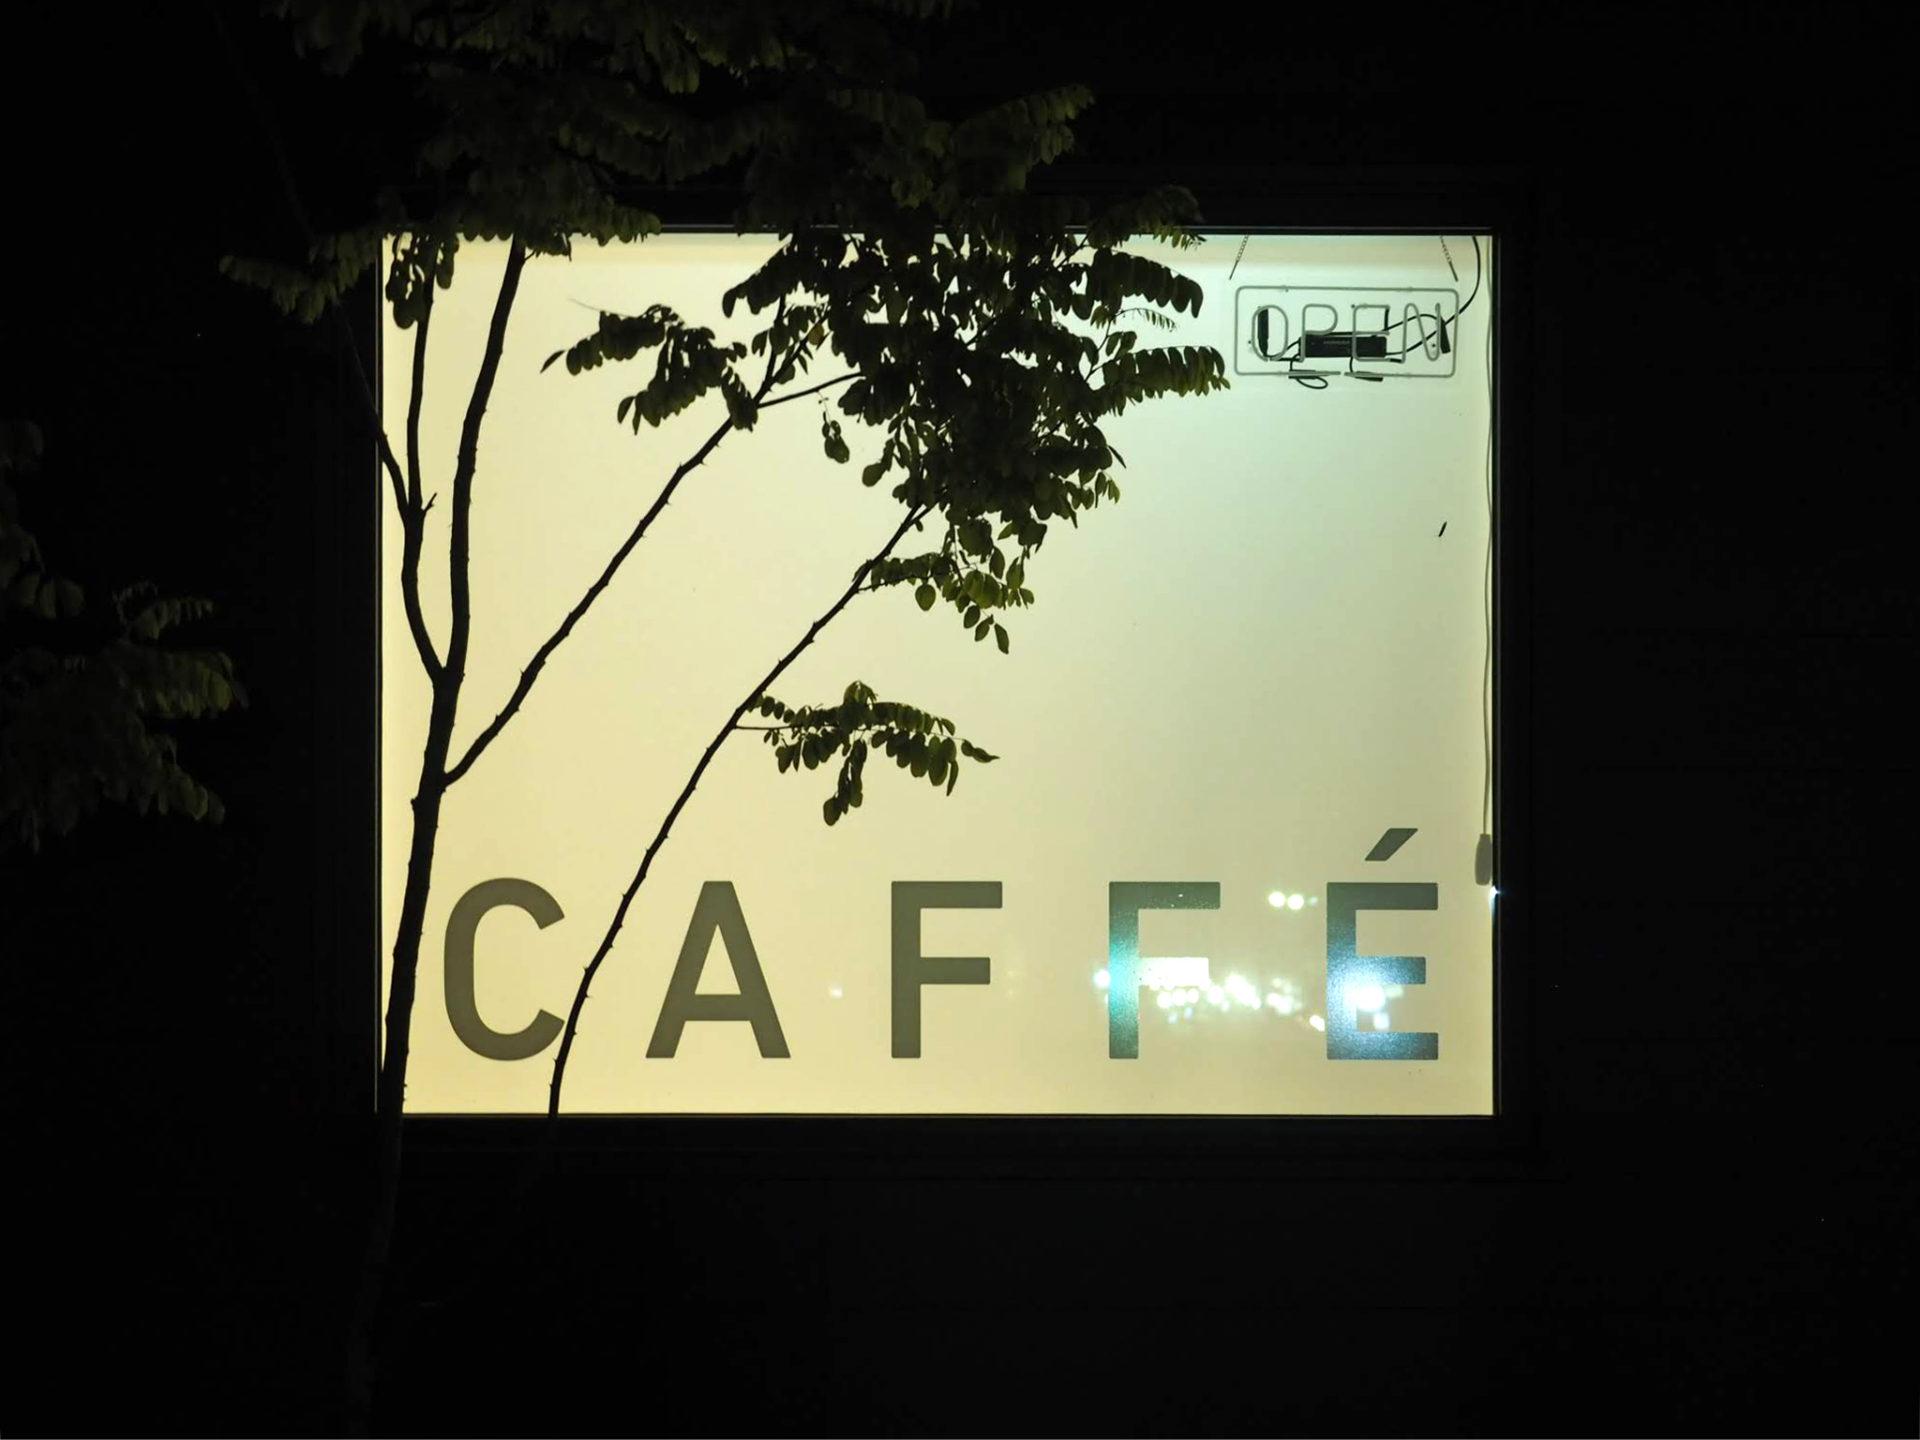 B.W.C.L スペシャルティコーヒー 《Afternoon refreshment》